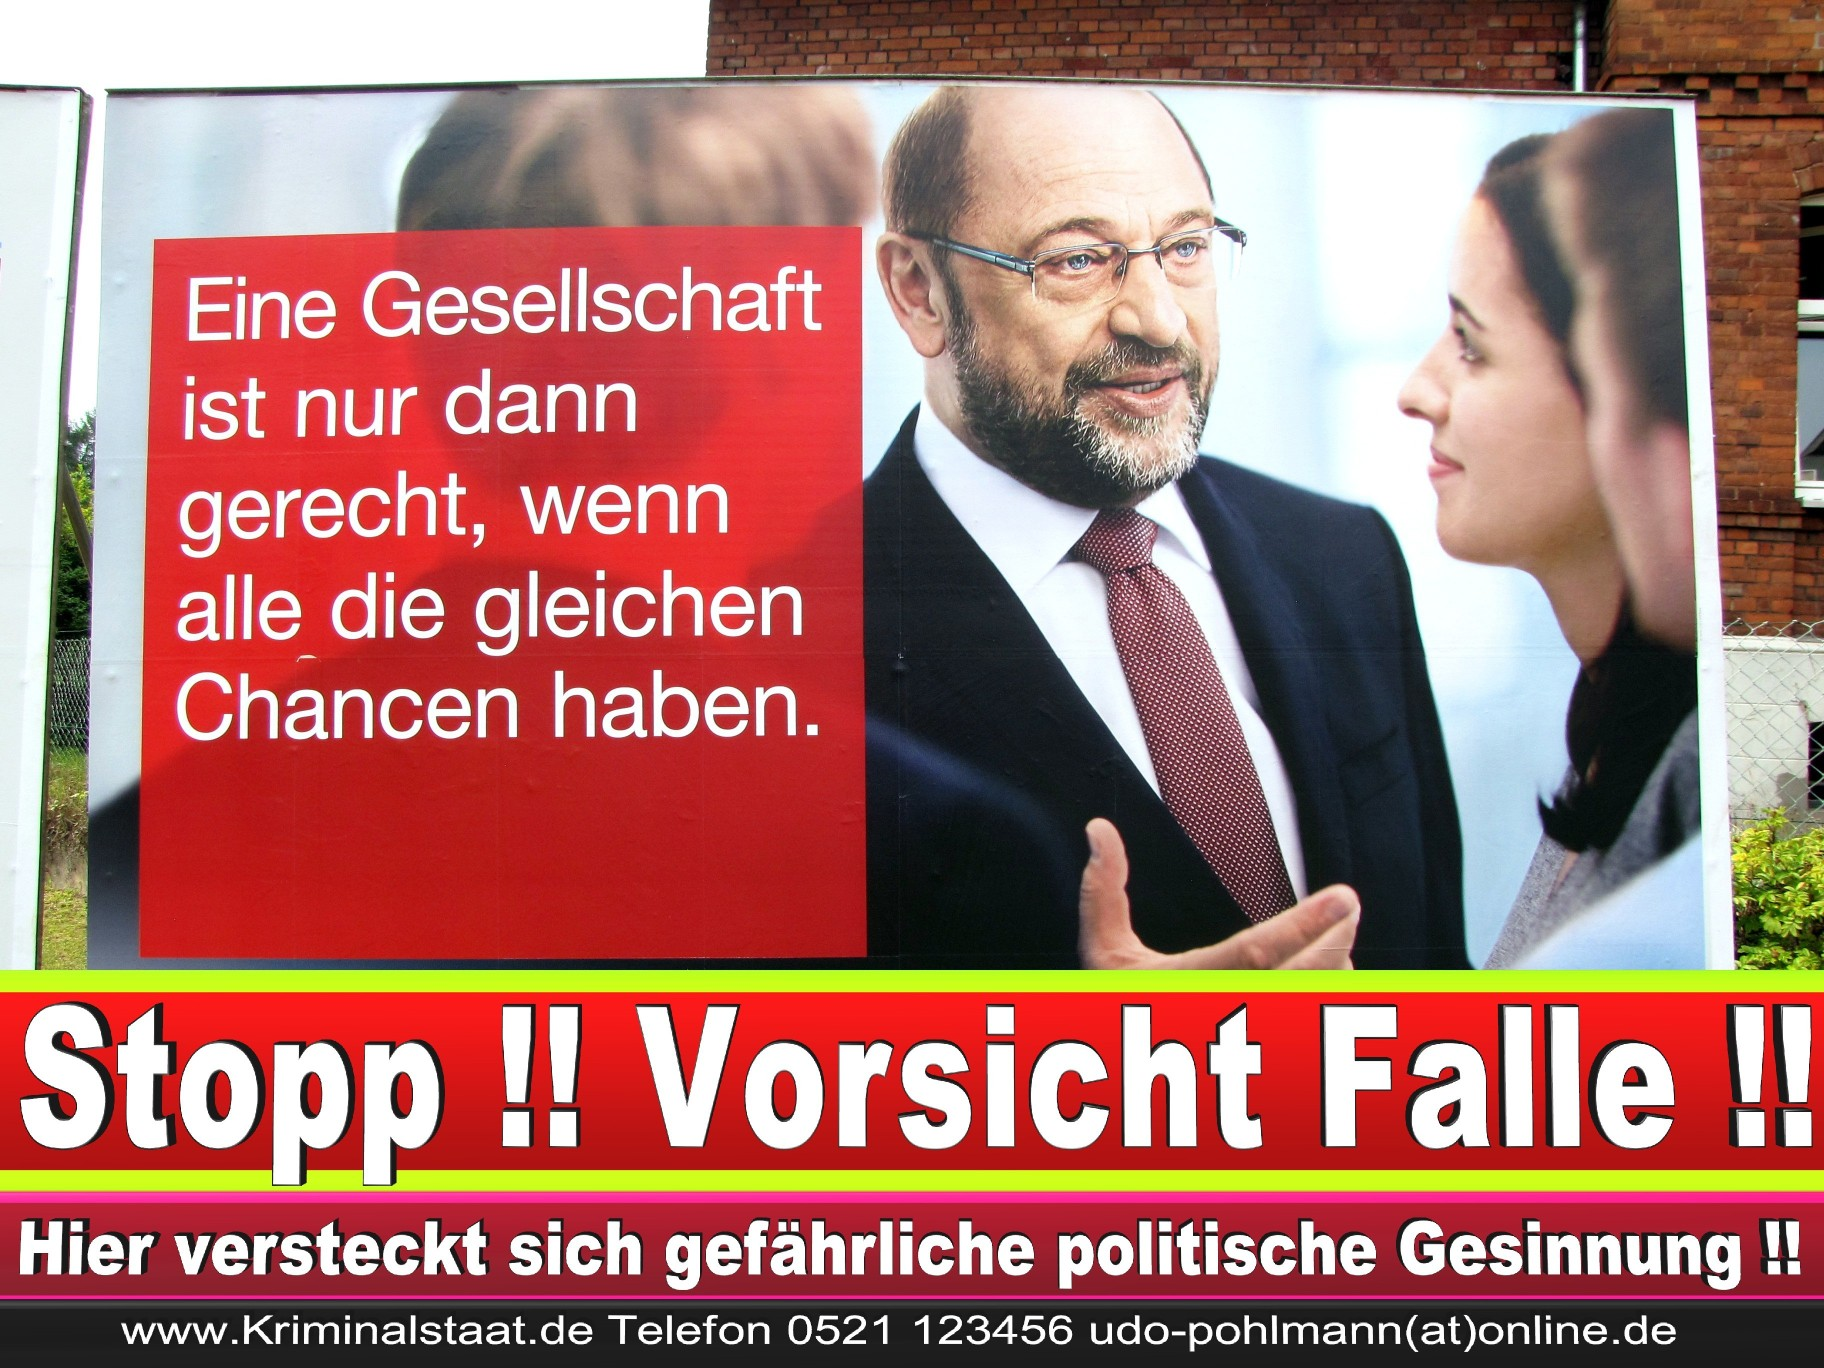 Wahlwerbung Wahlplakate Landtagswahl 2019 Europawahl CDU SPD FDP 2021 (89)